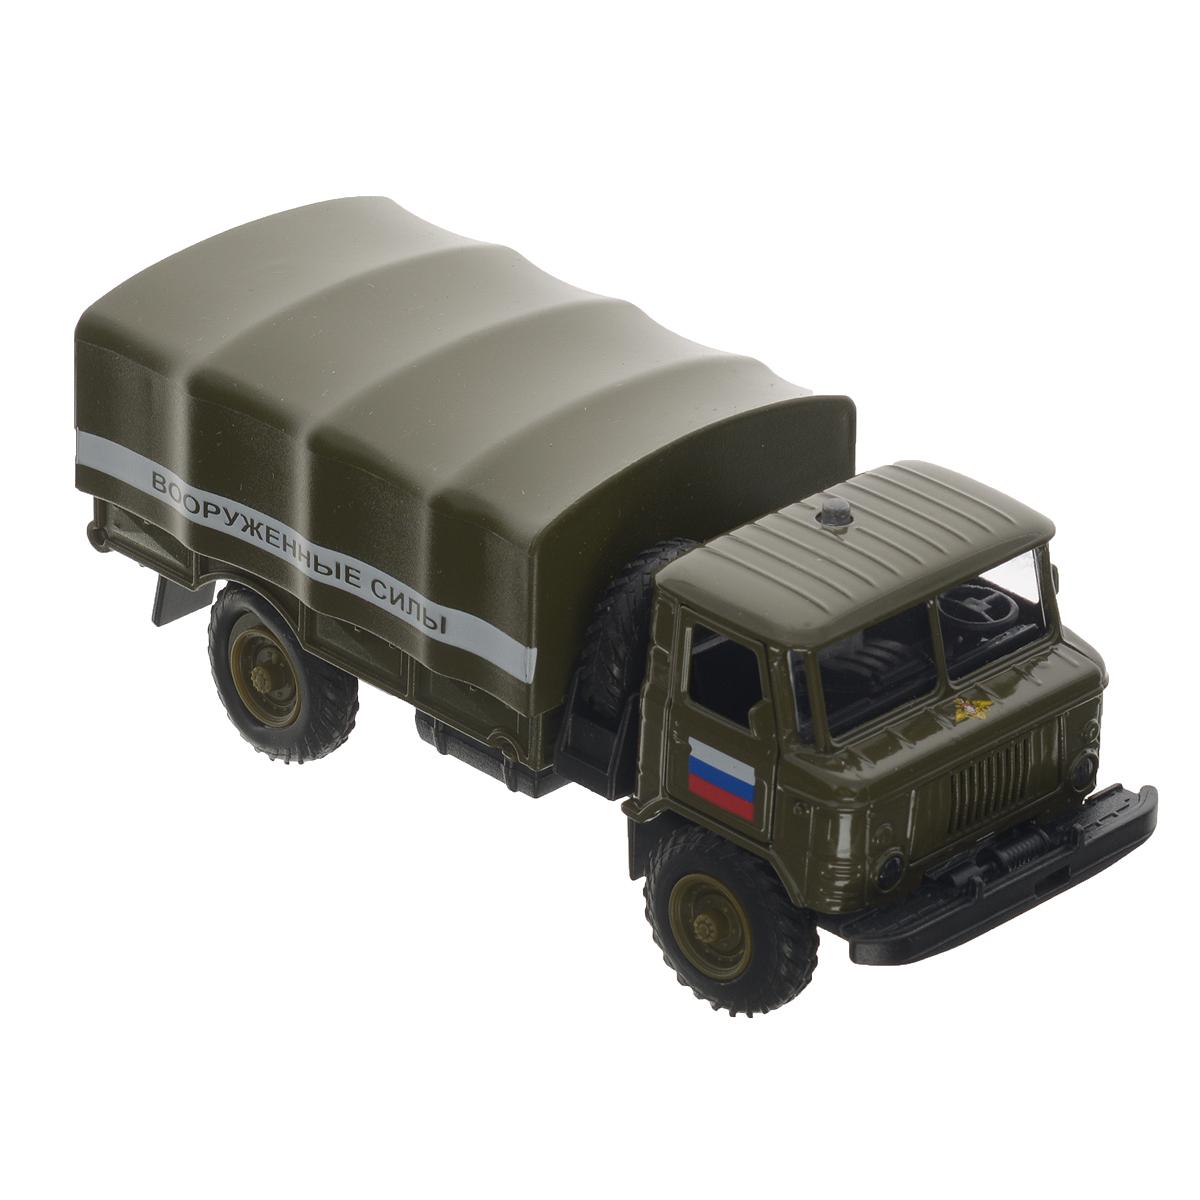 ТехноПарк Машинка инерционная ГАЗ 66 Вооруженные силы